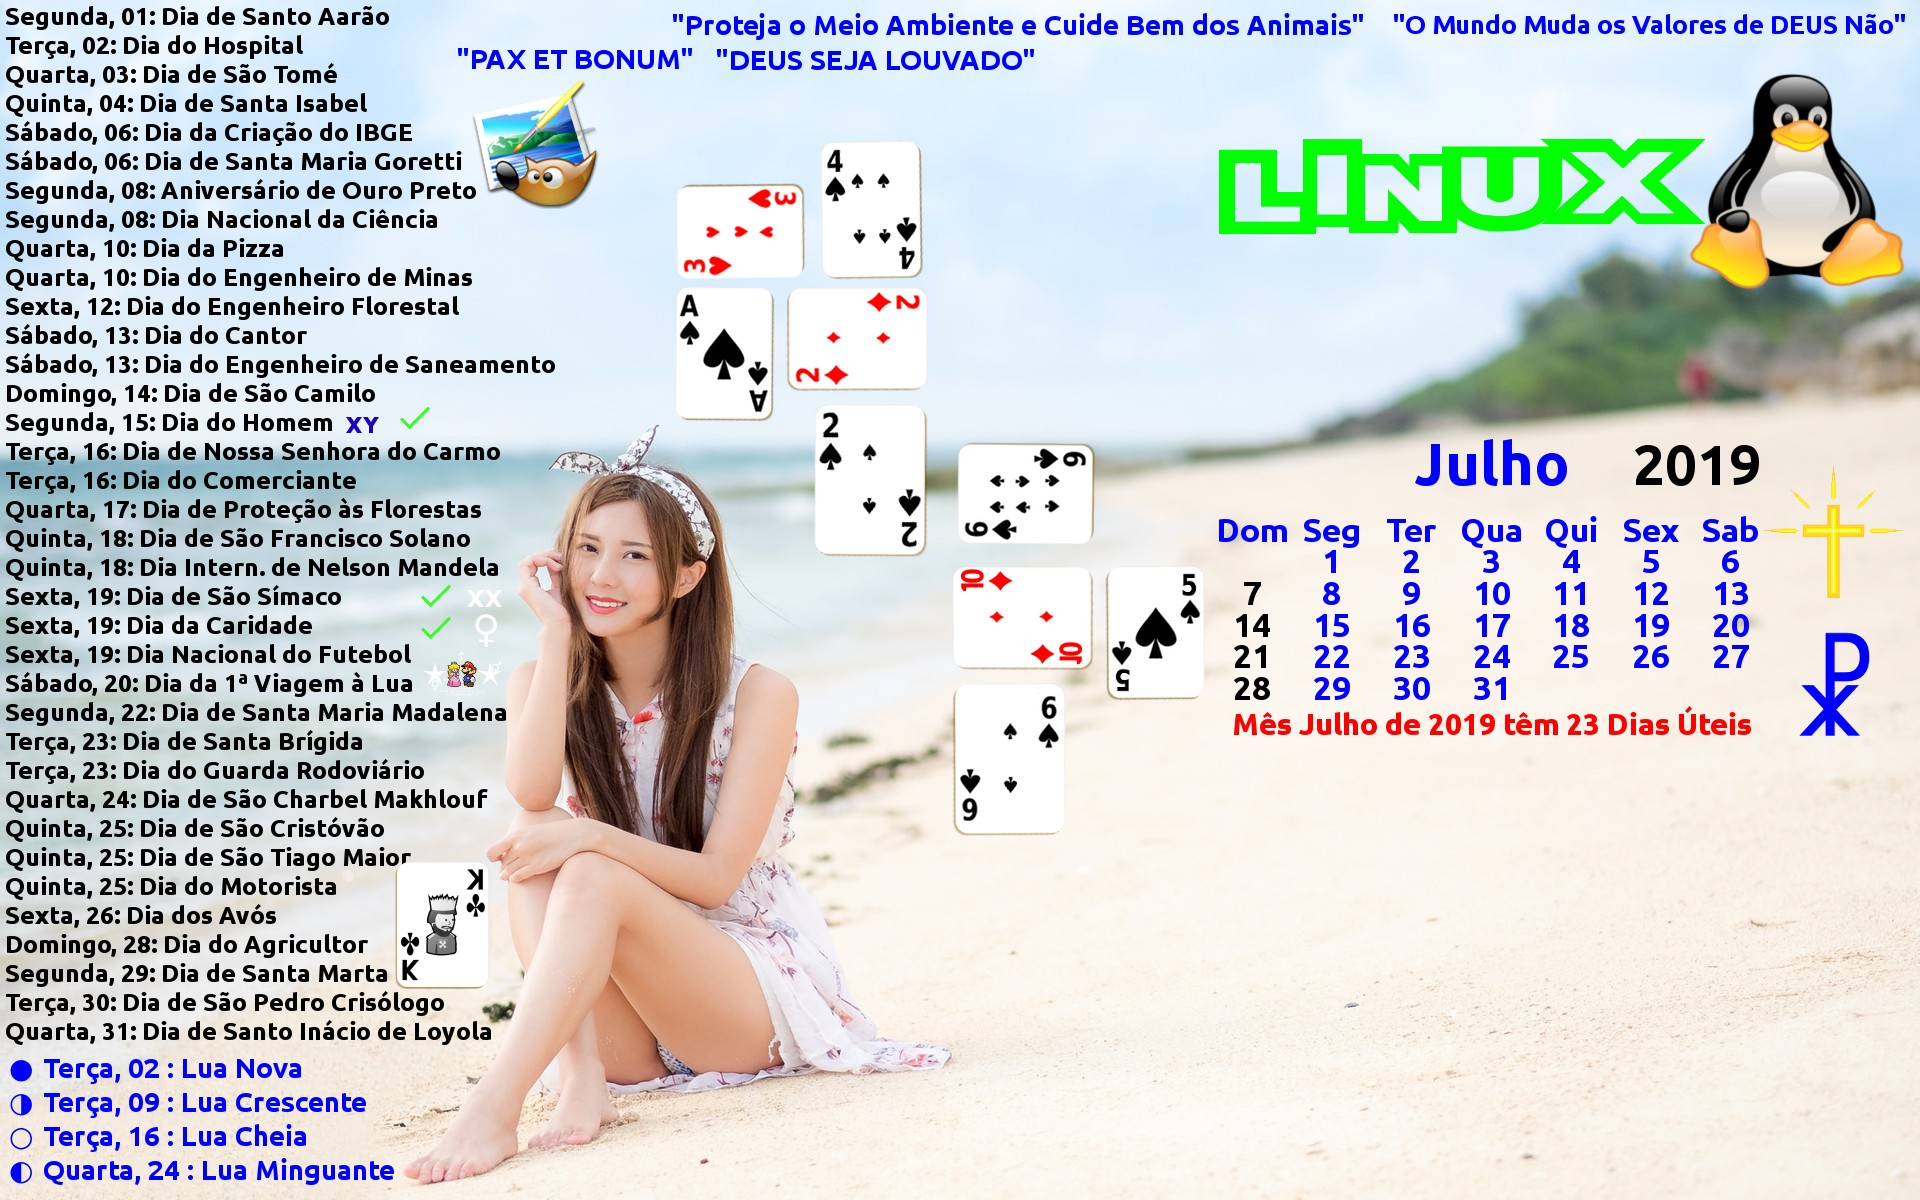 """Lian Xin Calendário Julho 2019 Promo Gimp Linux""""[ ]"""""""